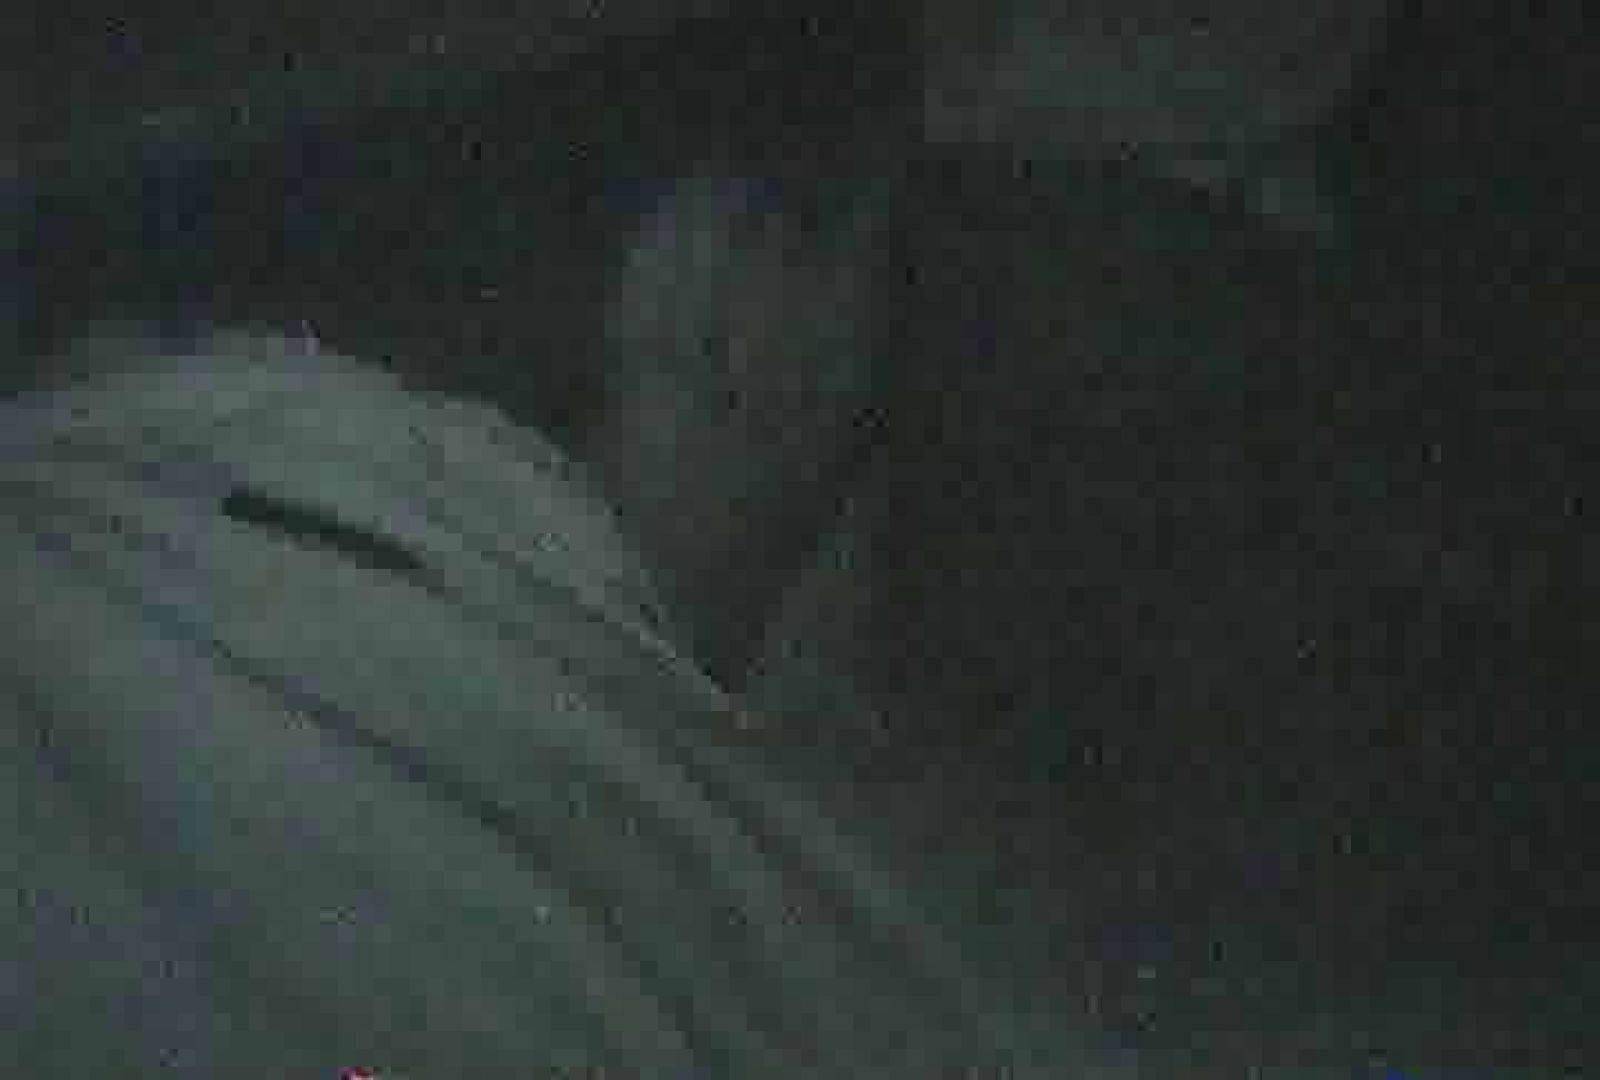 充血監督の深夜の運動会Vol.48 現役ギャル のぞき動画画像 95pic 68